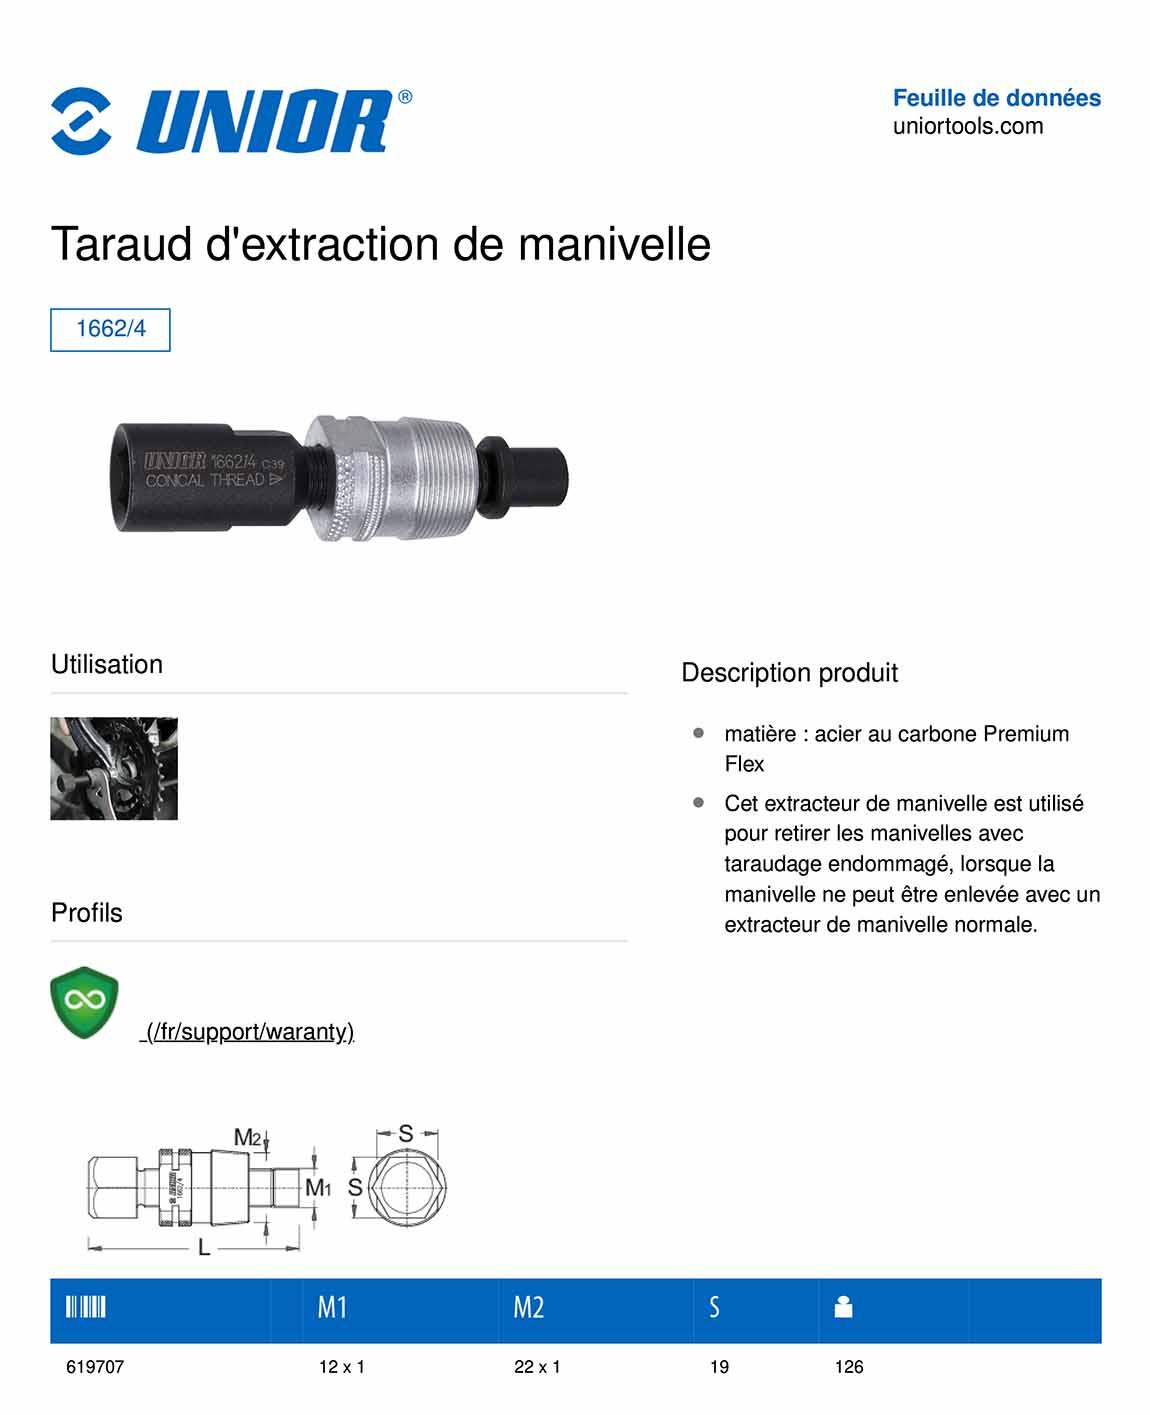 outils de démontage de manivelle UNIOR 1662/4